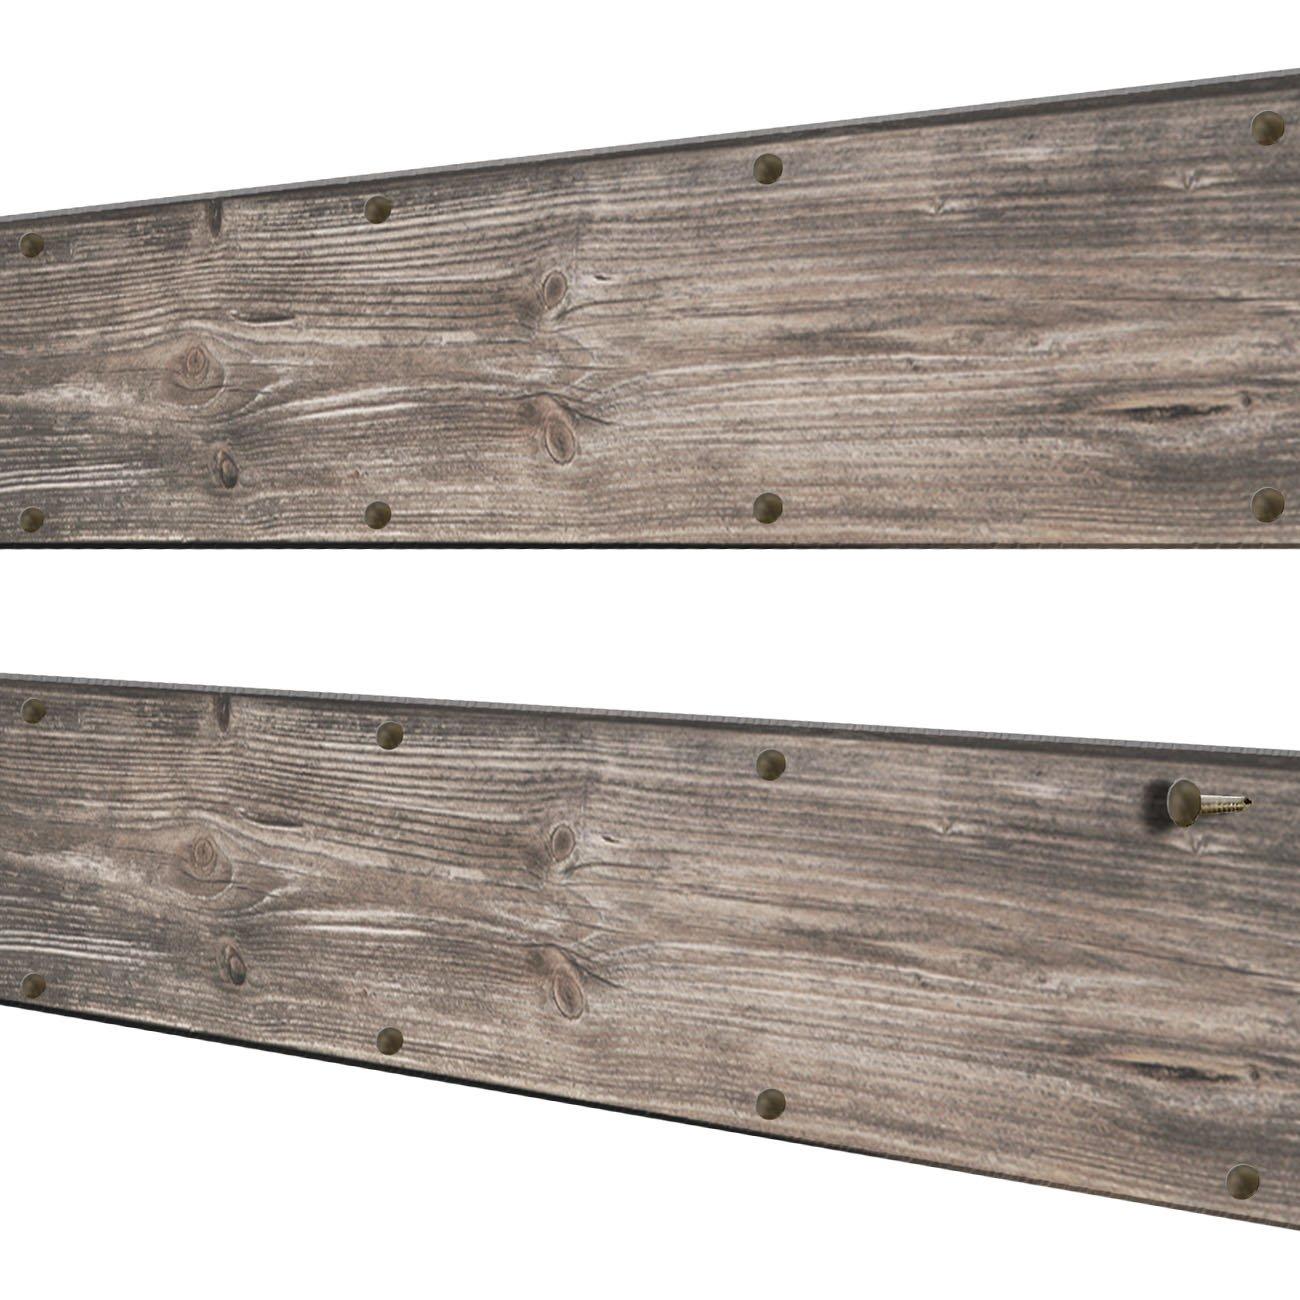 200x Antik Messing Design N/ägel Restauration Holz 8x1 mm M/öbel-Bau rostig Vintage Bronze Antik Rost Optik FUXXER/® 200 St/ück